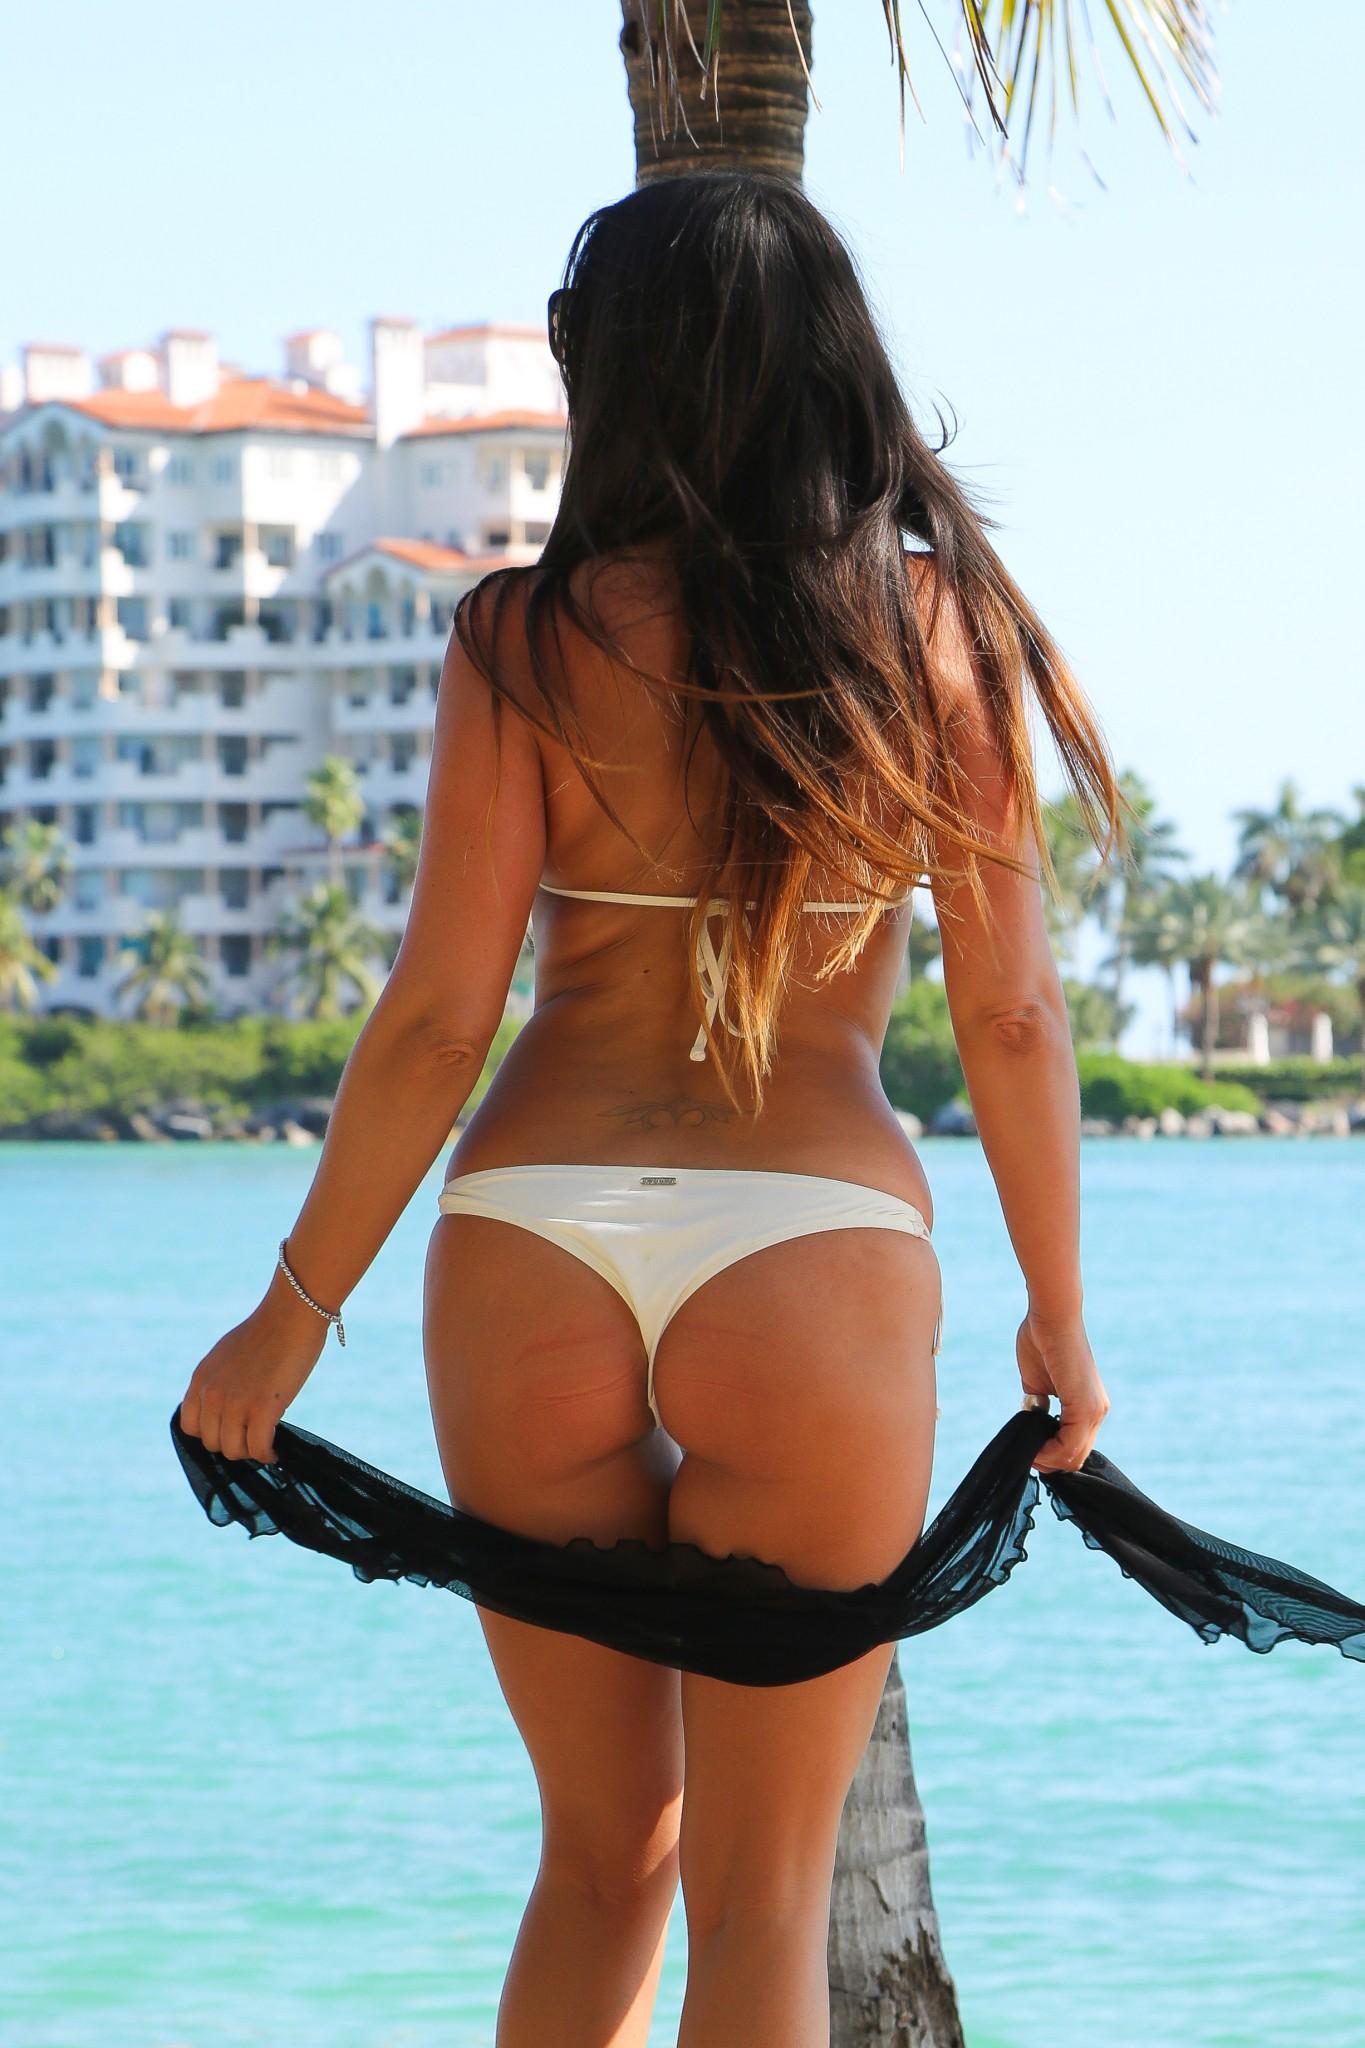 claudia-romani-wearing-a-bikini-in-miami-100-9